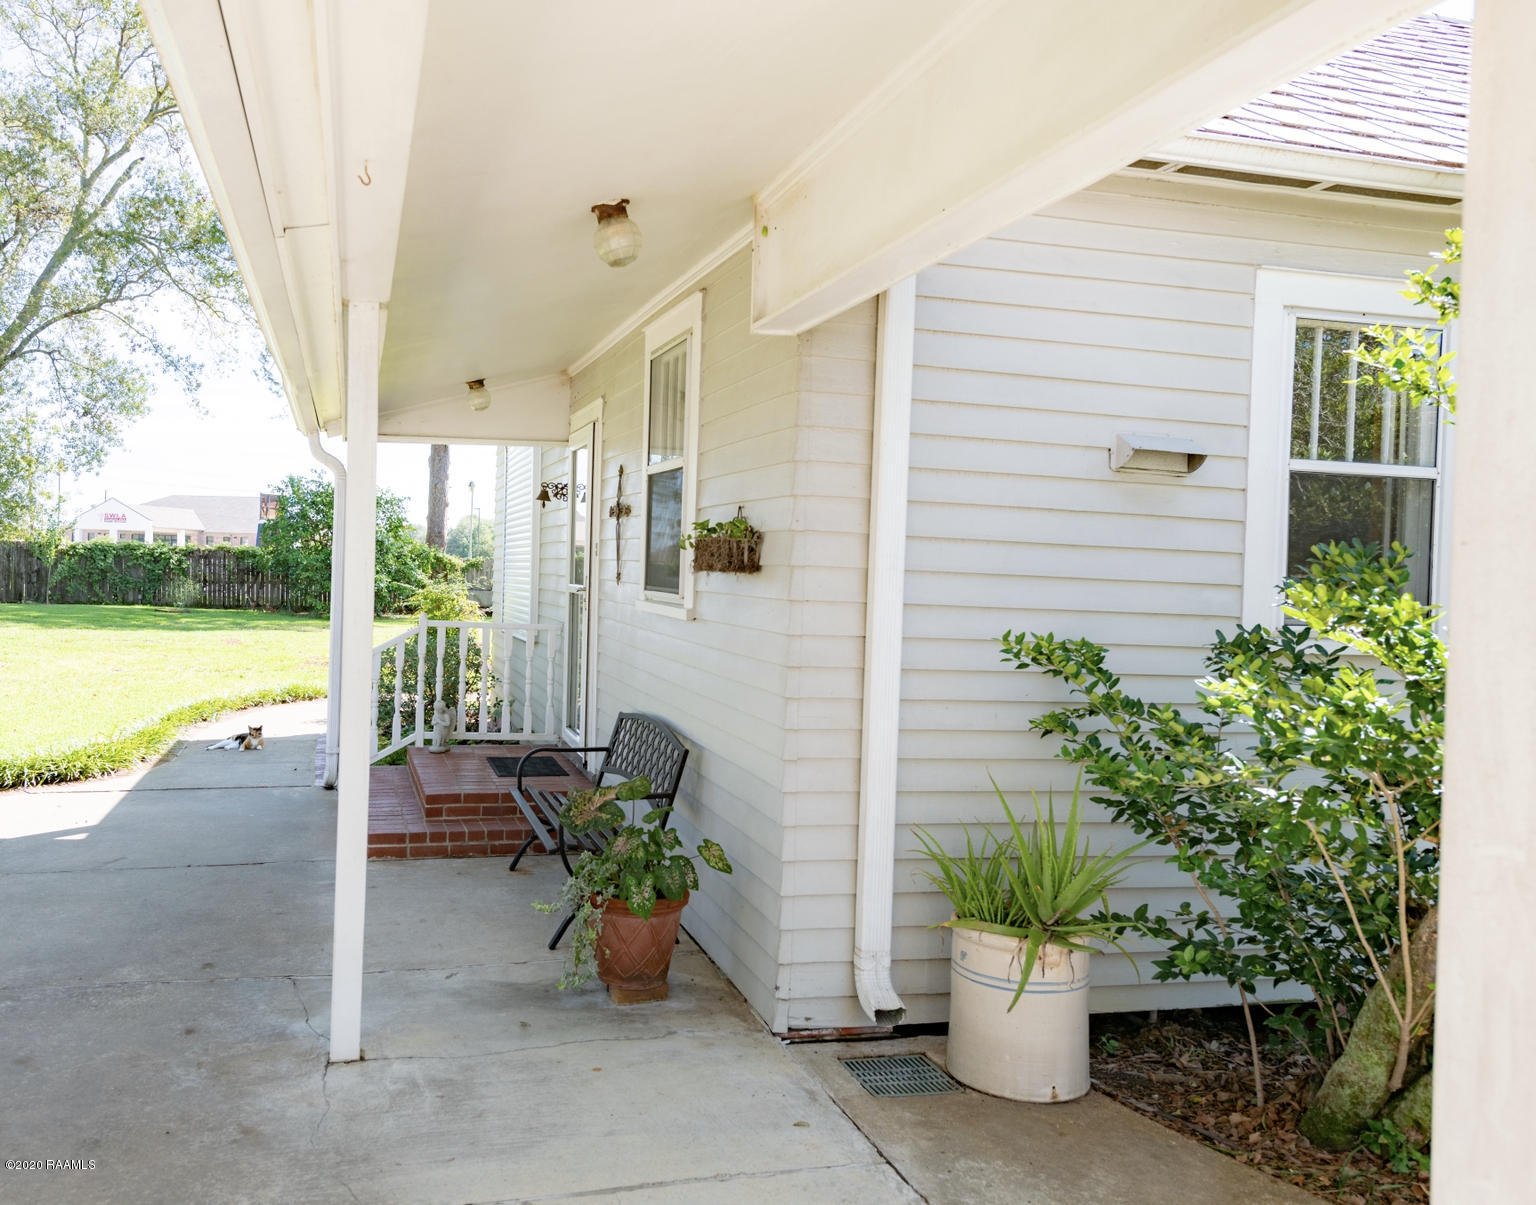 1011 Hutchinson Avenue E, Crowley, LA 70526 Photo #9